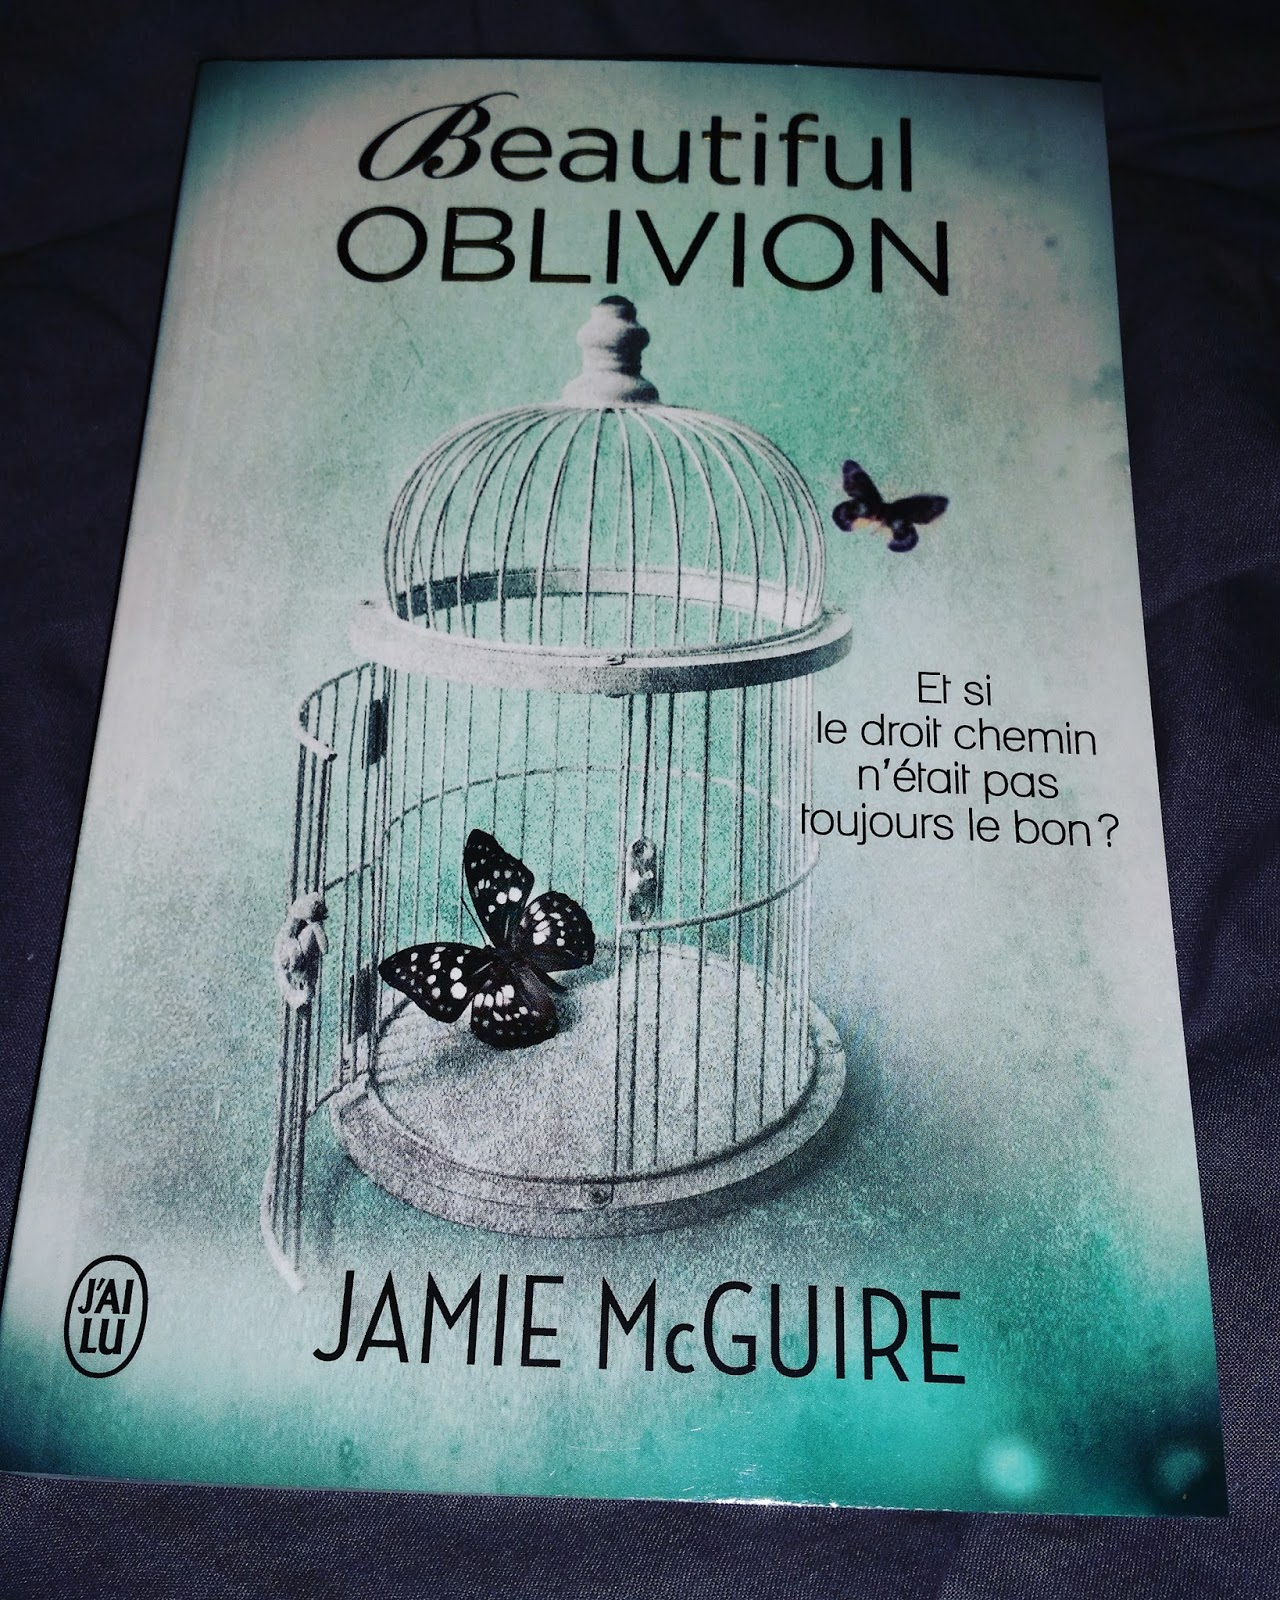 beautiful oblivion jamie mcguire pdf